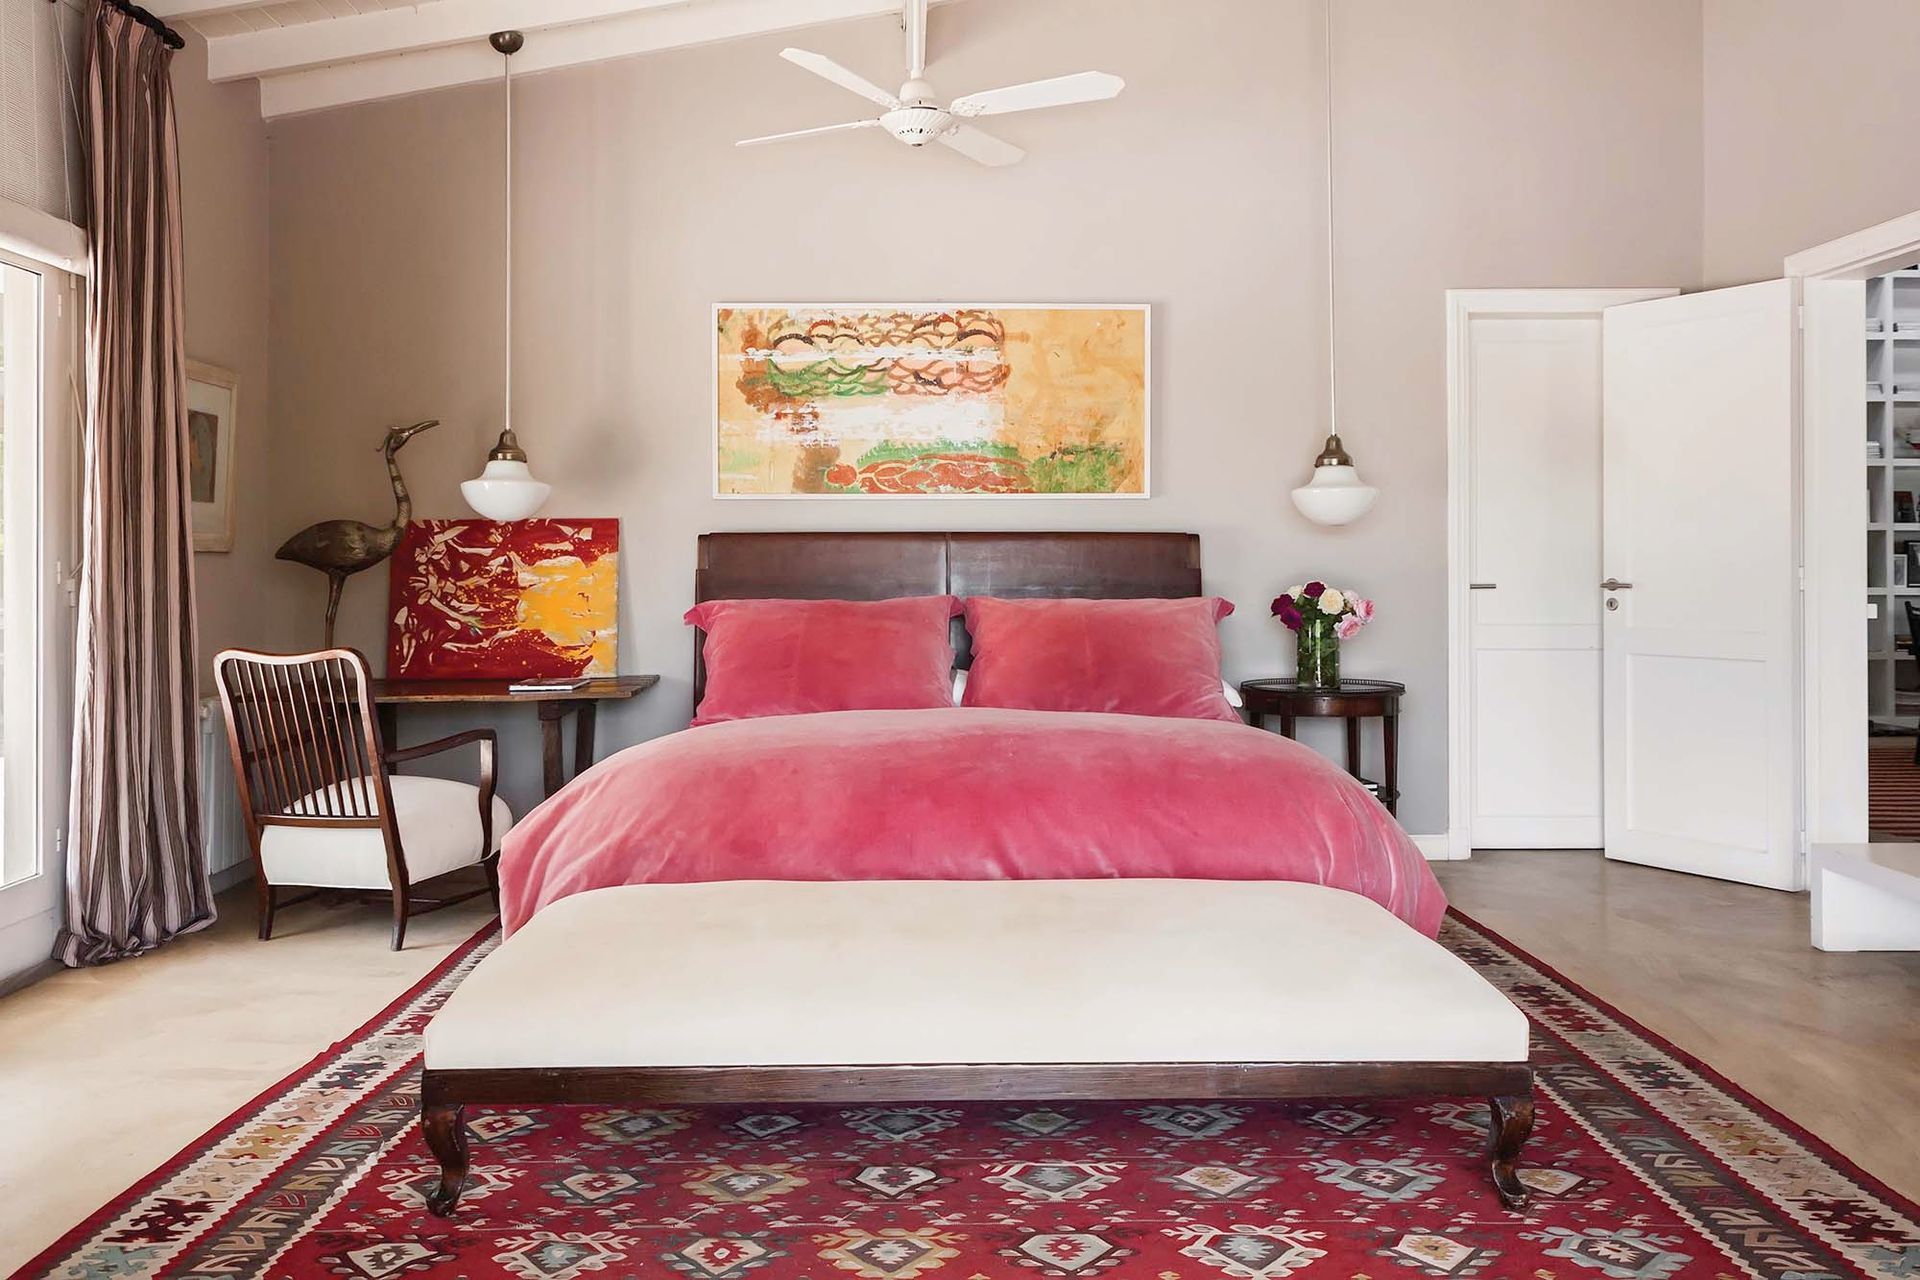 En el cuarto principal, lámparas colgantes de opalina de los años 60 (La Pasionaria), banqueta comprada en un remate y alfombra de Marruecos.